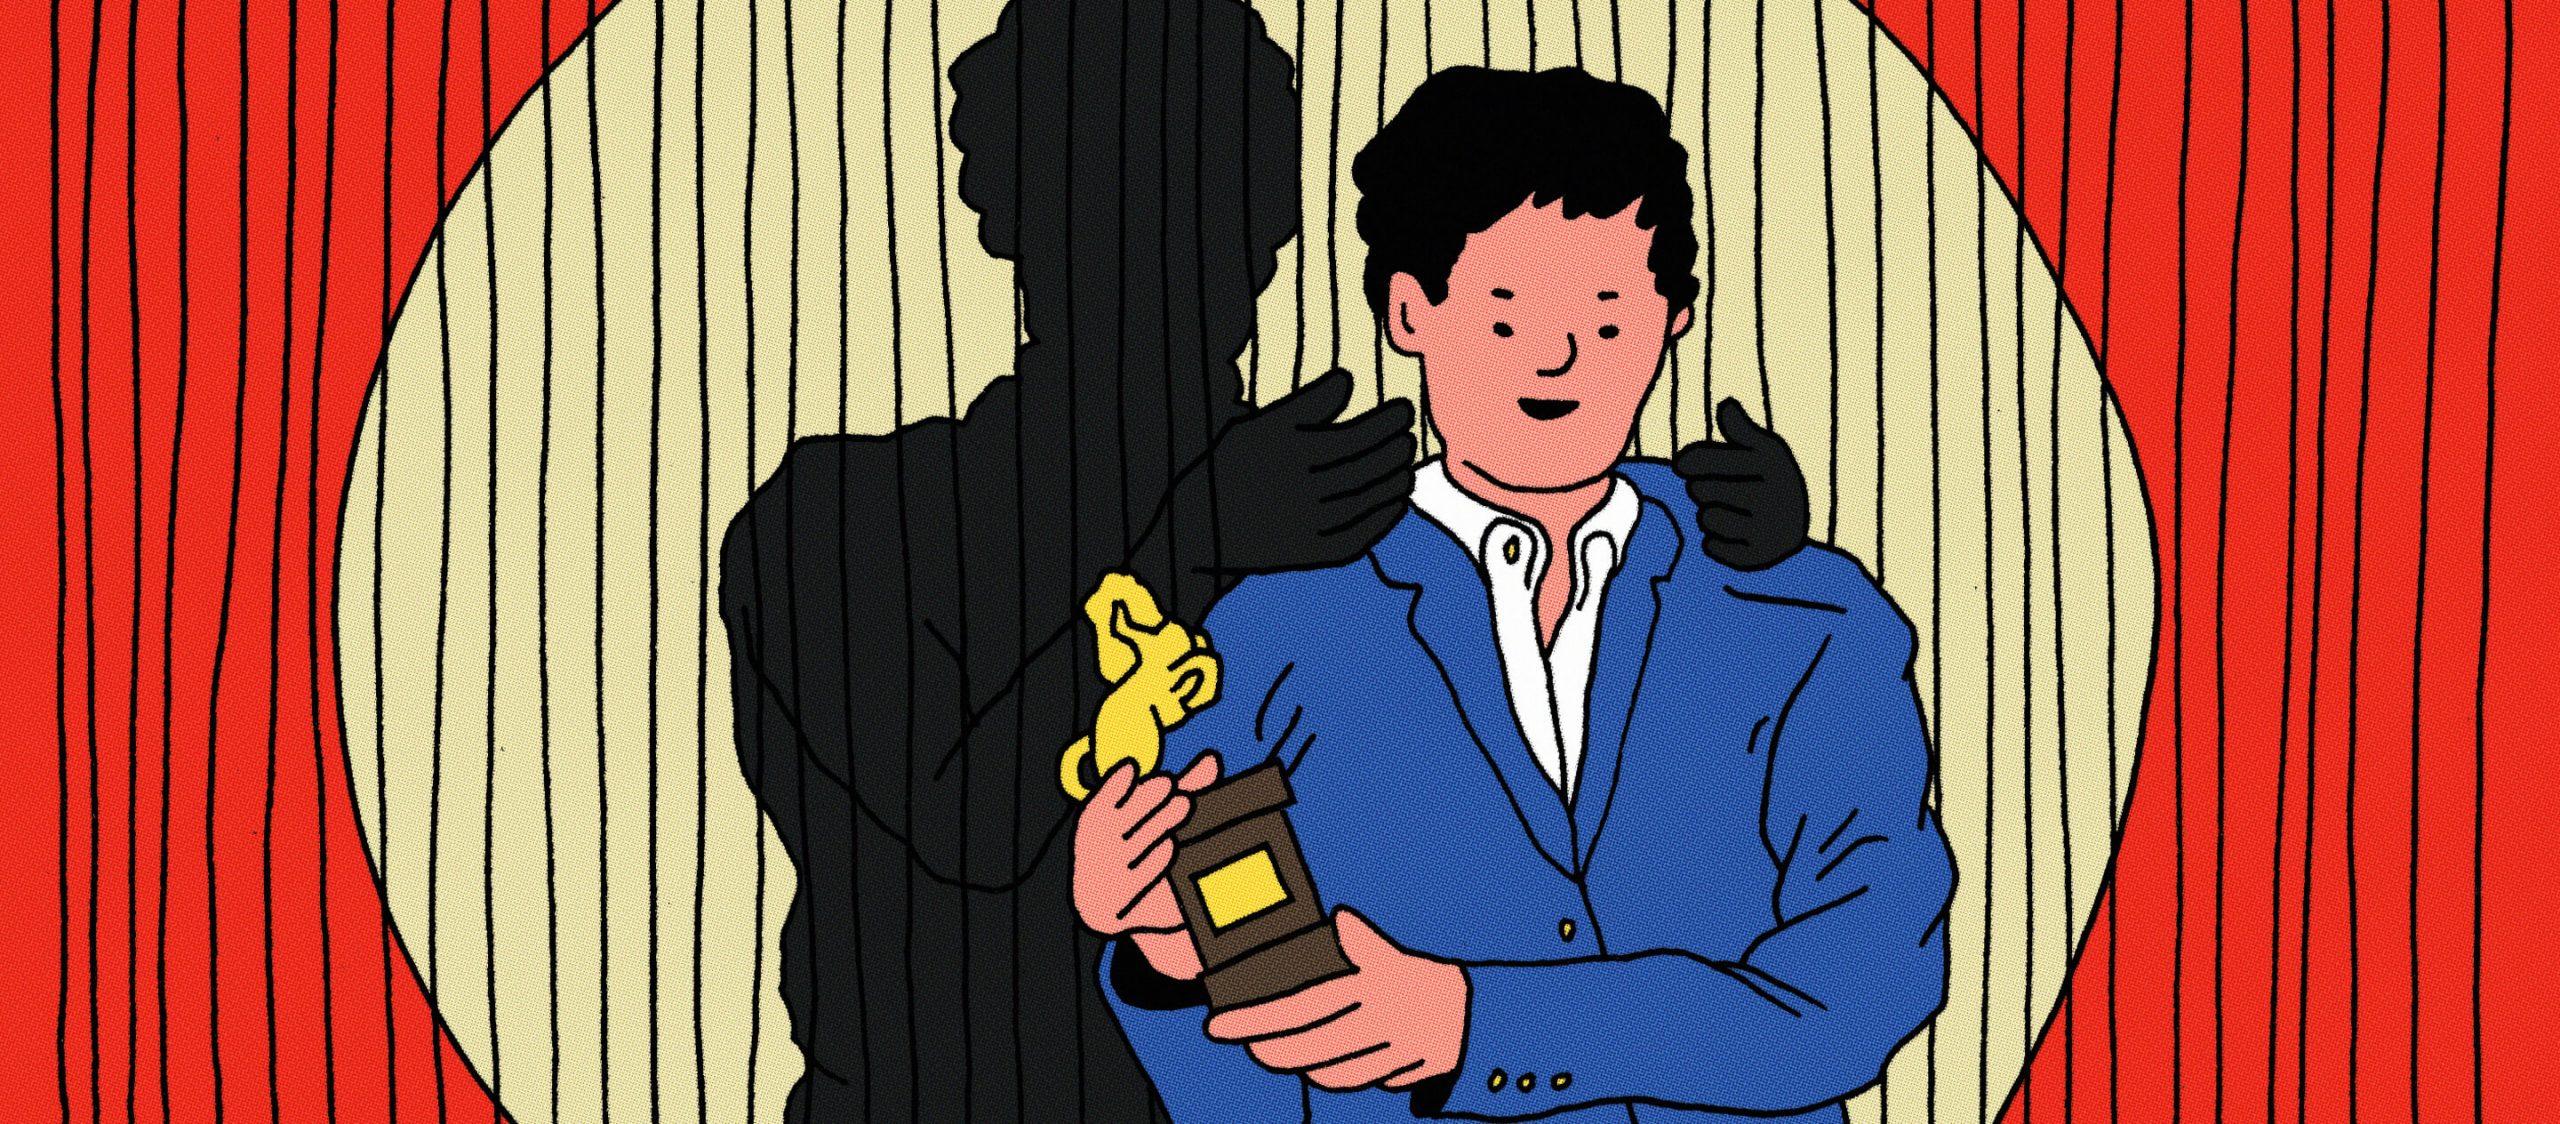 เทศกาลภาพยนตร์ม้าทองคำไต้หวัน การเมืองกับศิลปะที่แยกออกจากกันไม่ขาด